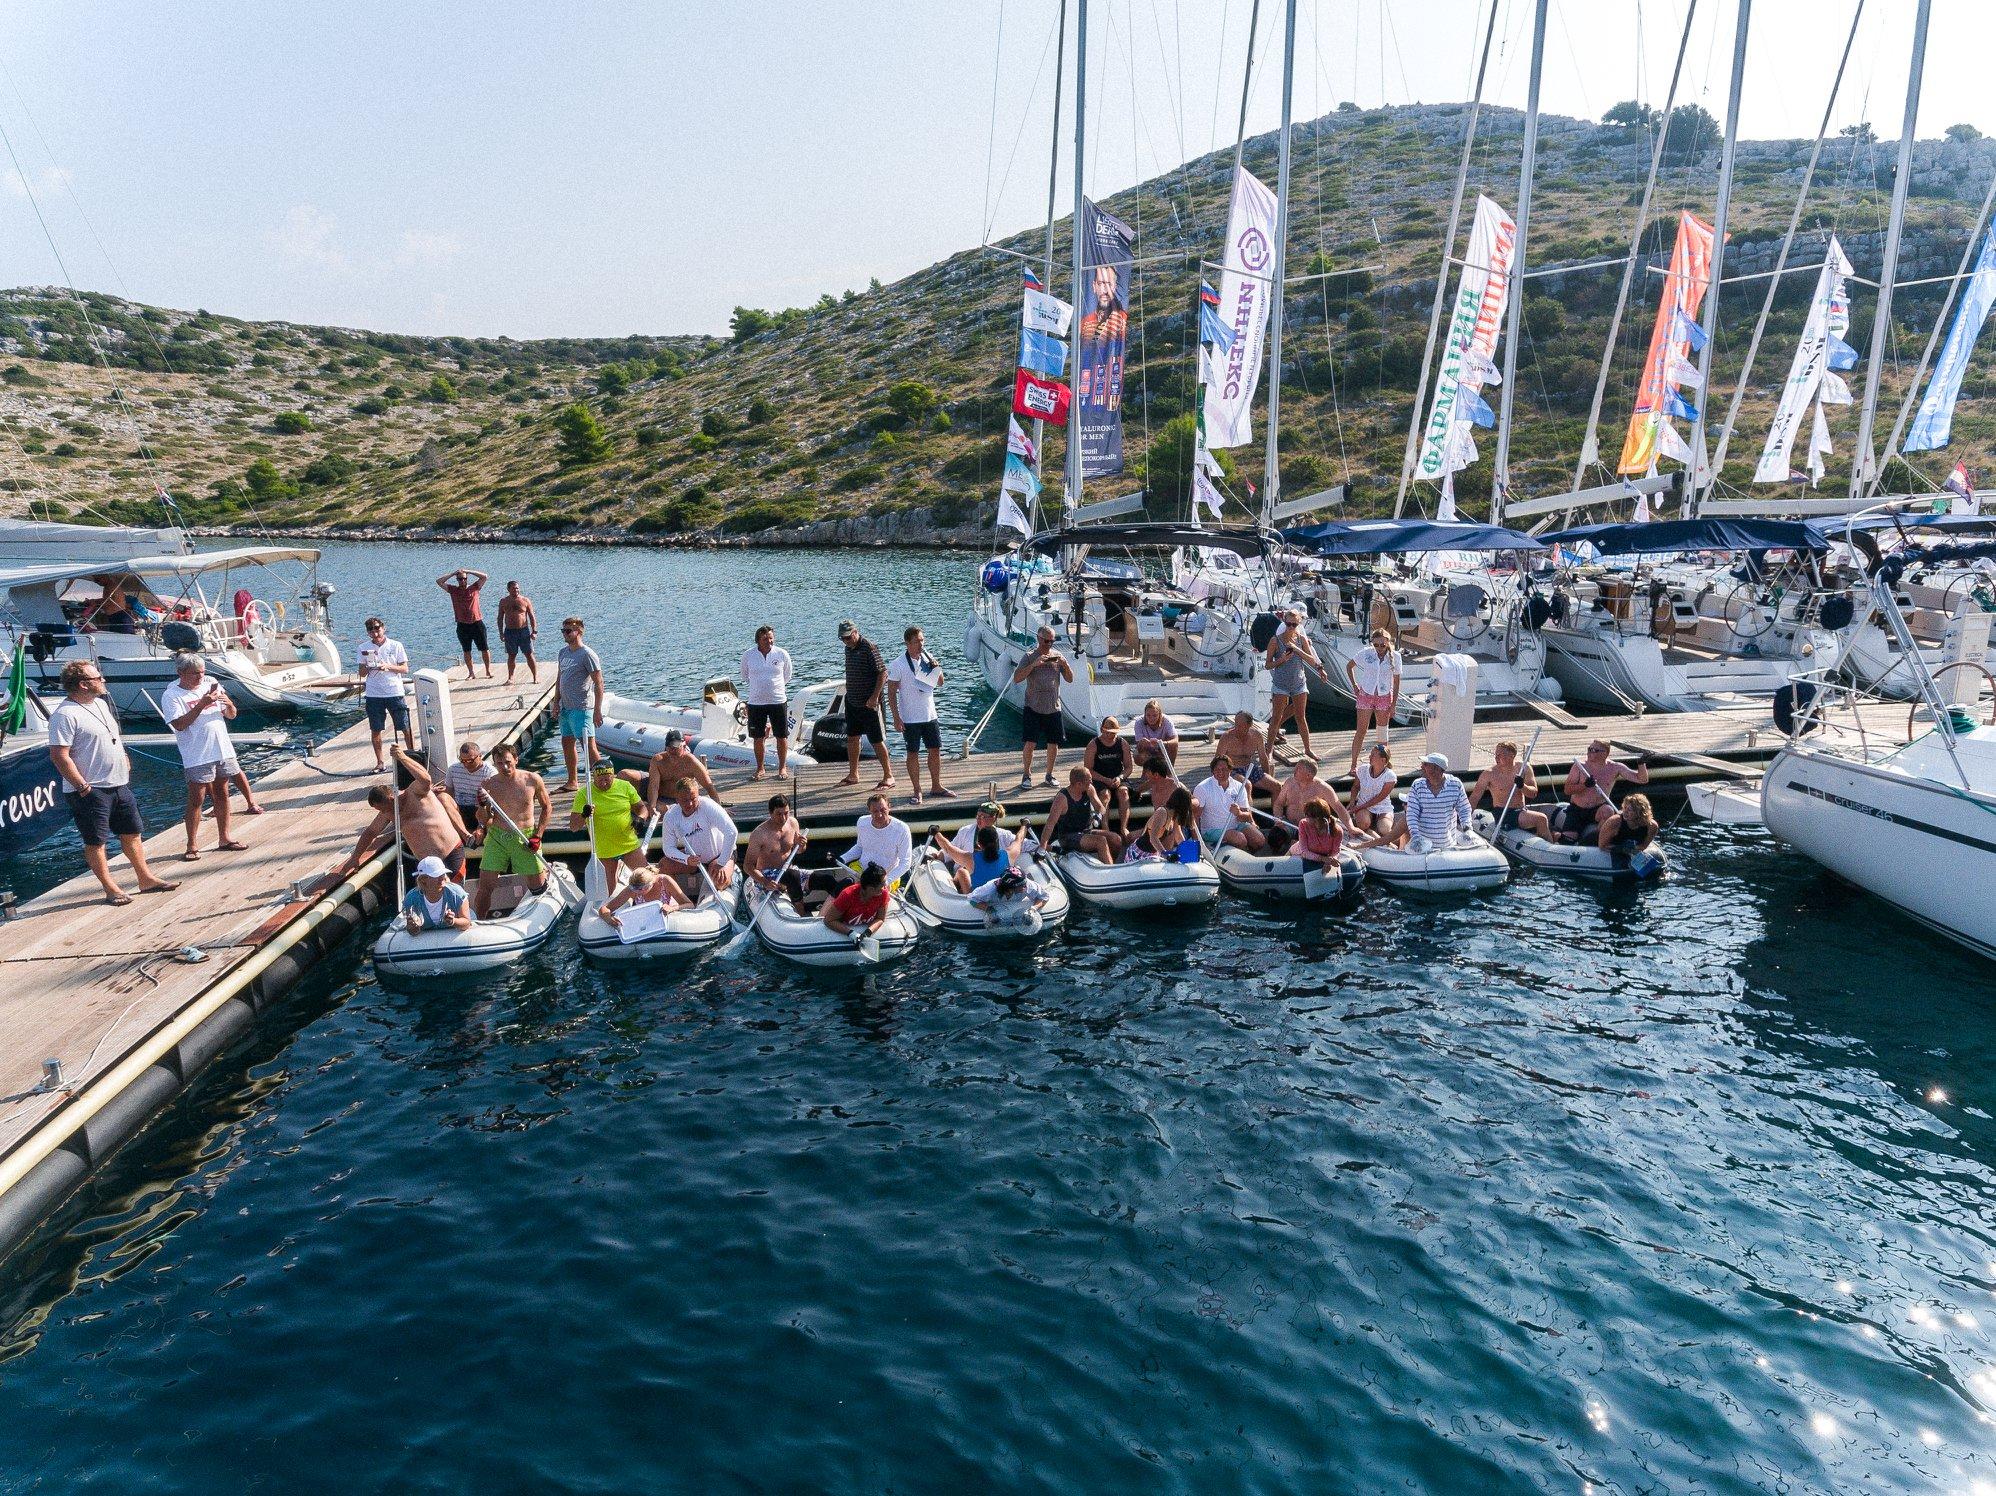 Причал, надувные лодки - ДСМ групп Фармрегата 2019 - DSM Group Pharmregata 2019